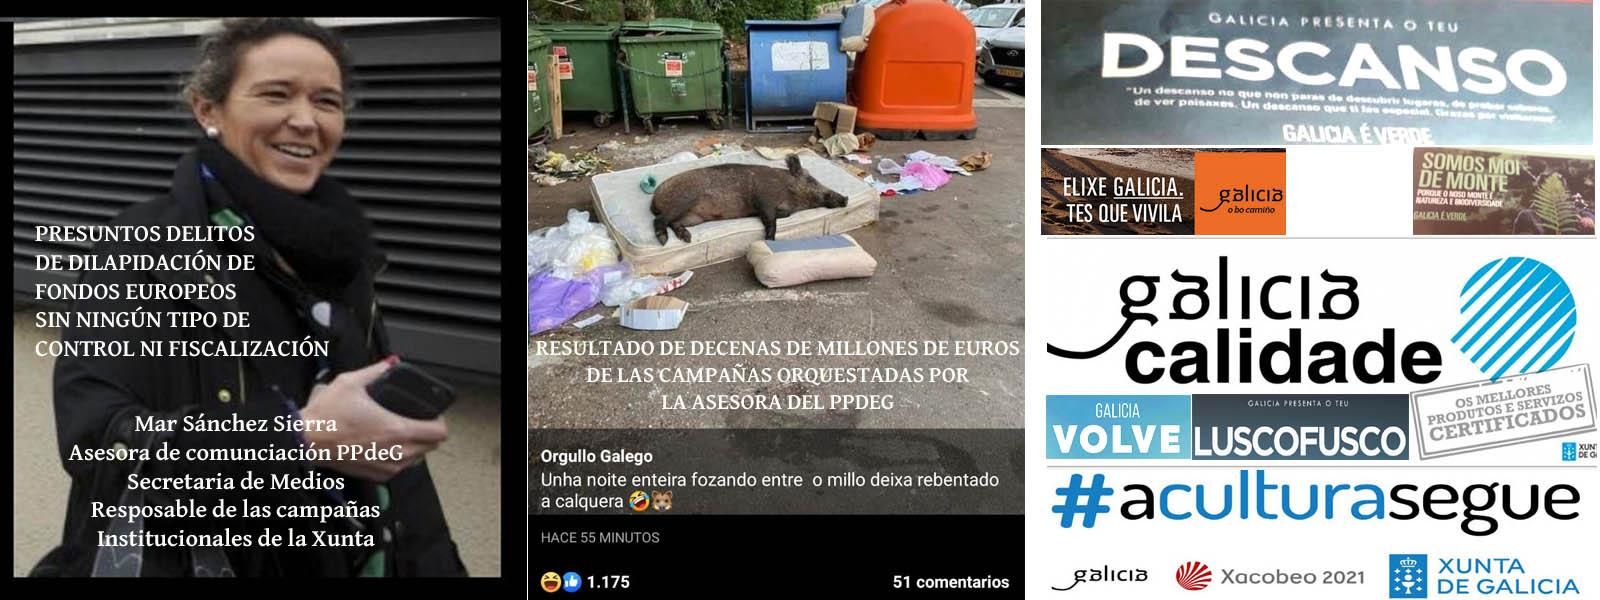 """Exitos de las campañas de Mar Sánchez Sierra """"Galicia Calidade"""", """"Galicia  te espera"""", """"Somos Moi de Monte"""", etc...Dilapidación de Fondos Europeos sin  ningún tipo de control. - Xornal Galicia"""